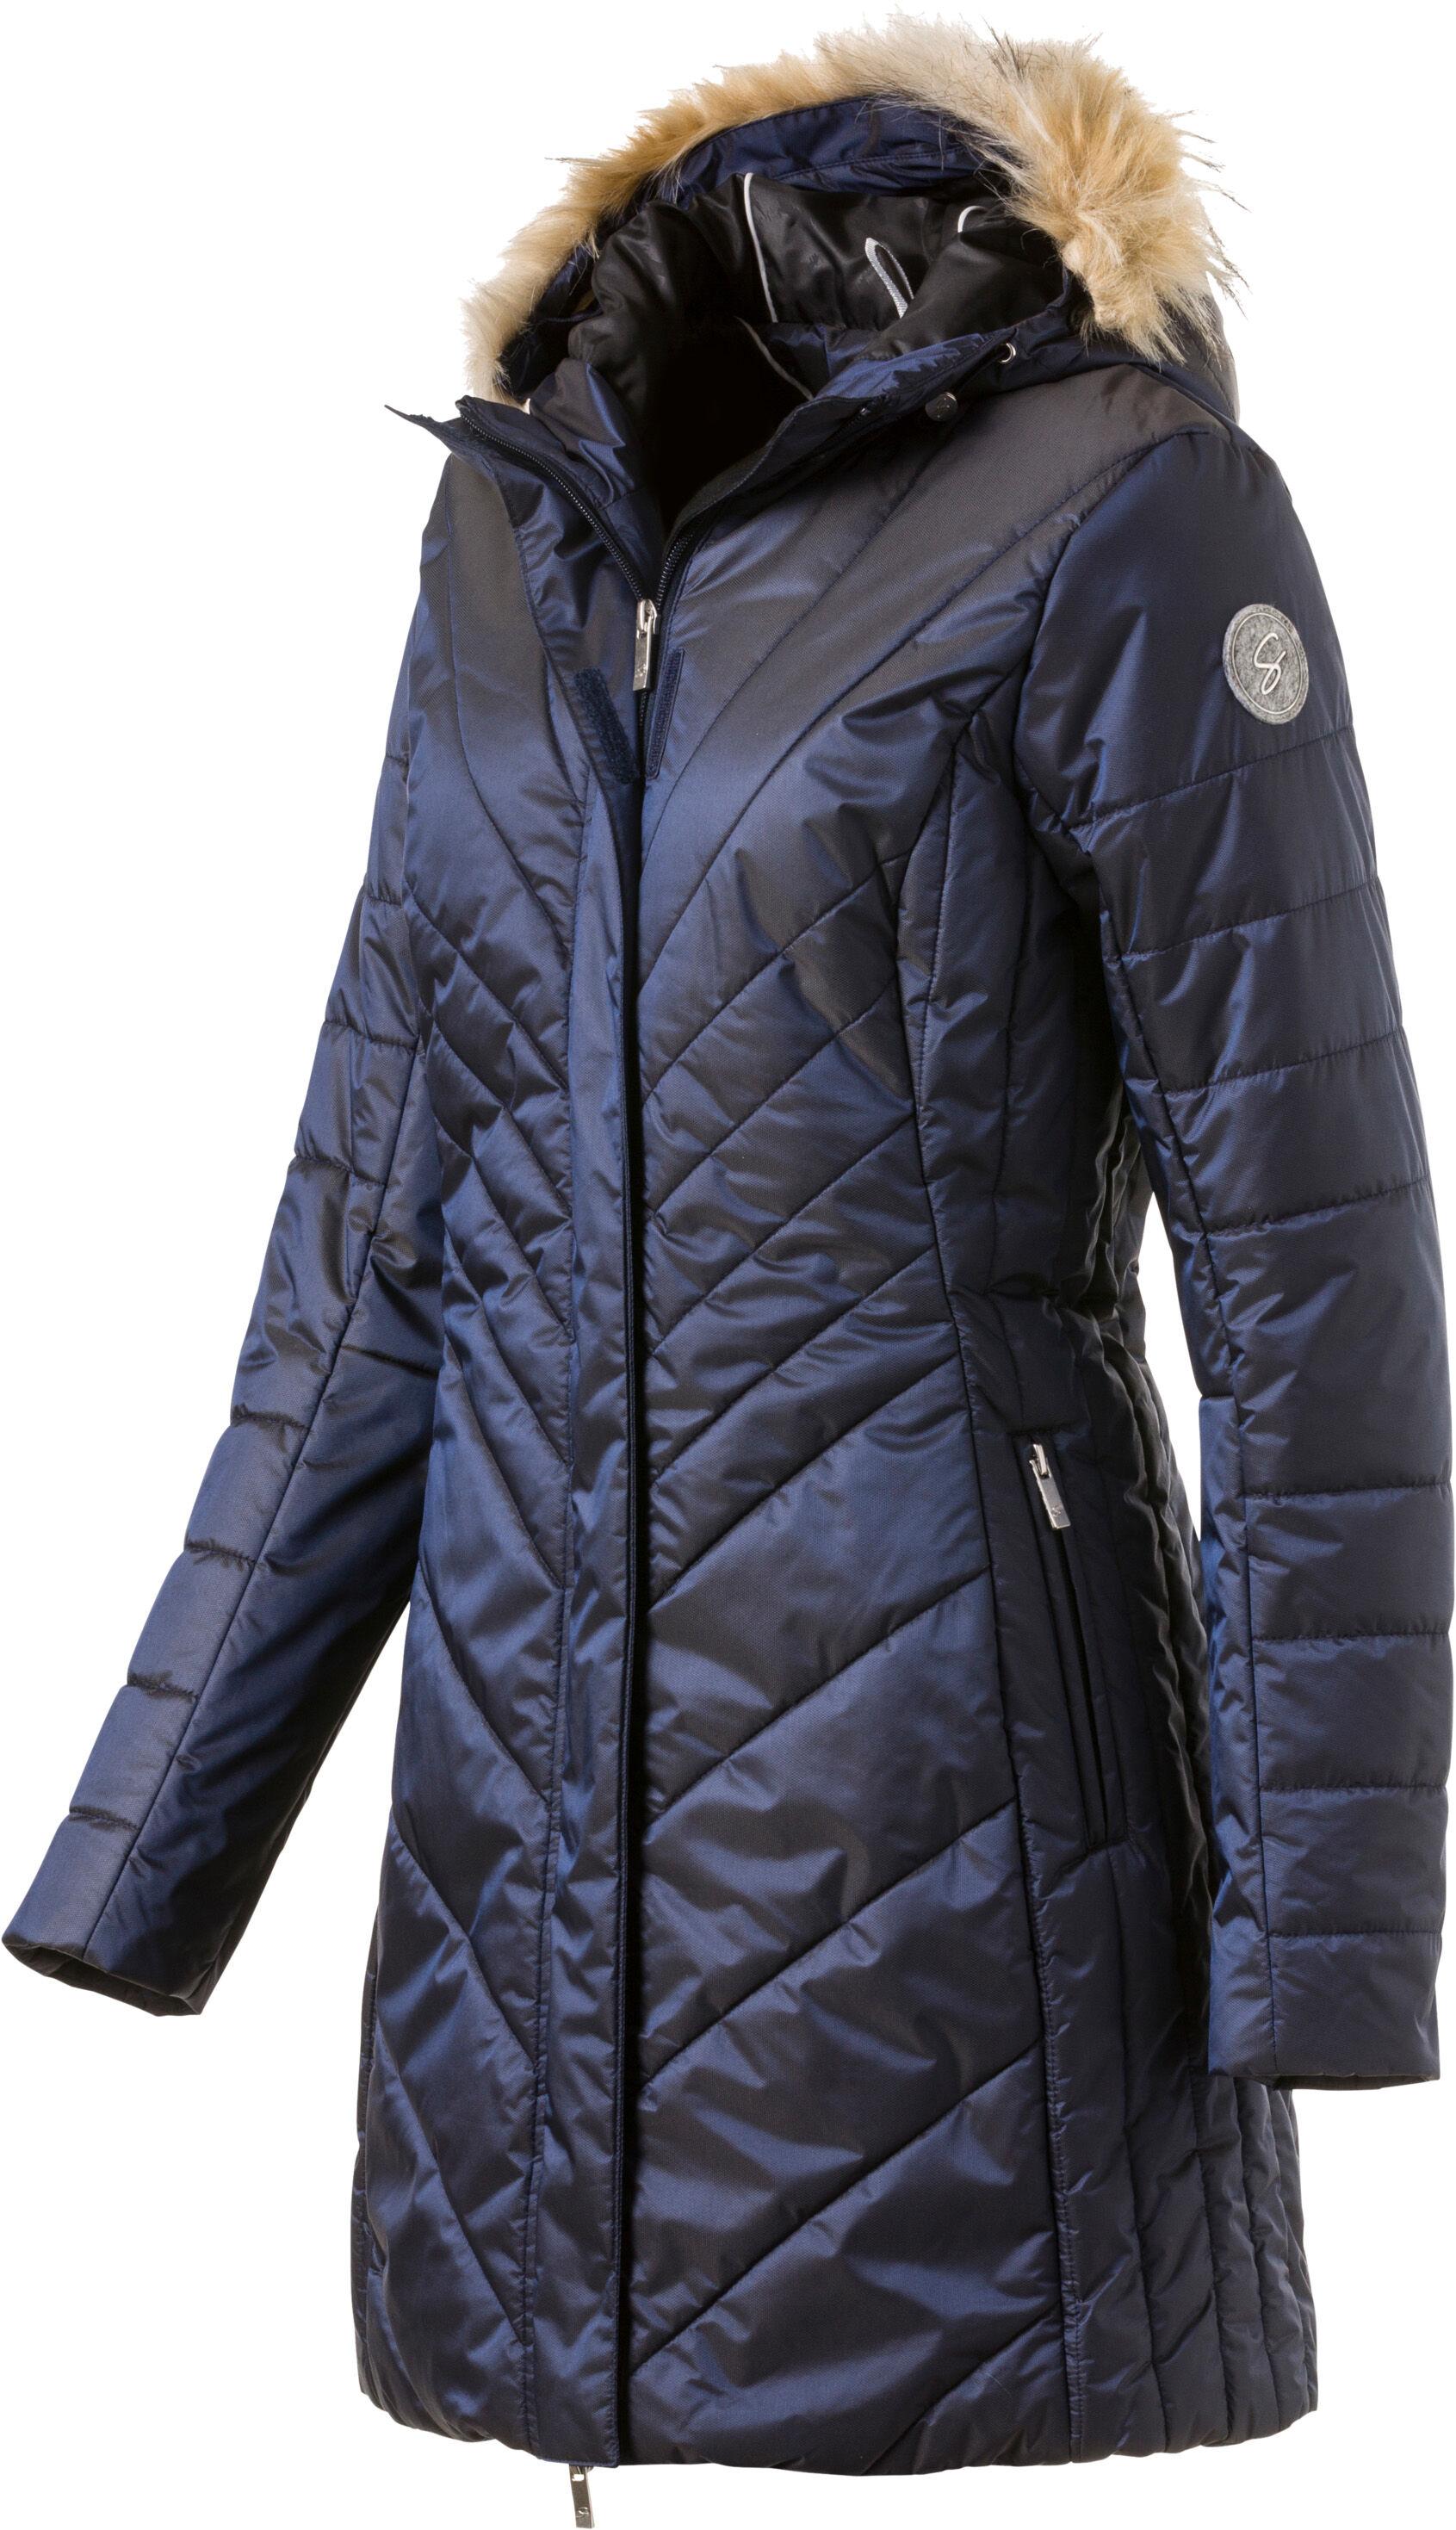 Wintersportbekleidung | INTERSPORT